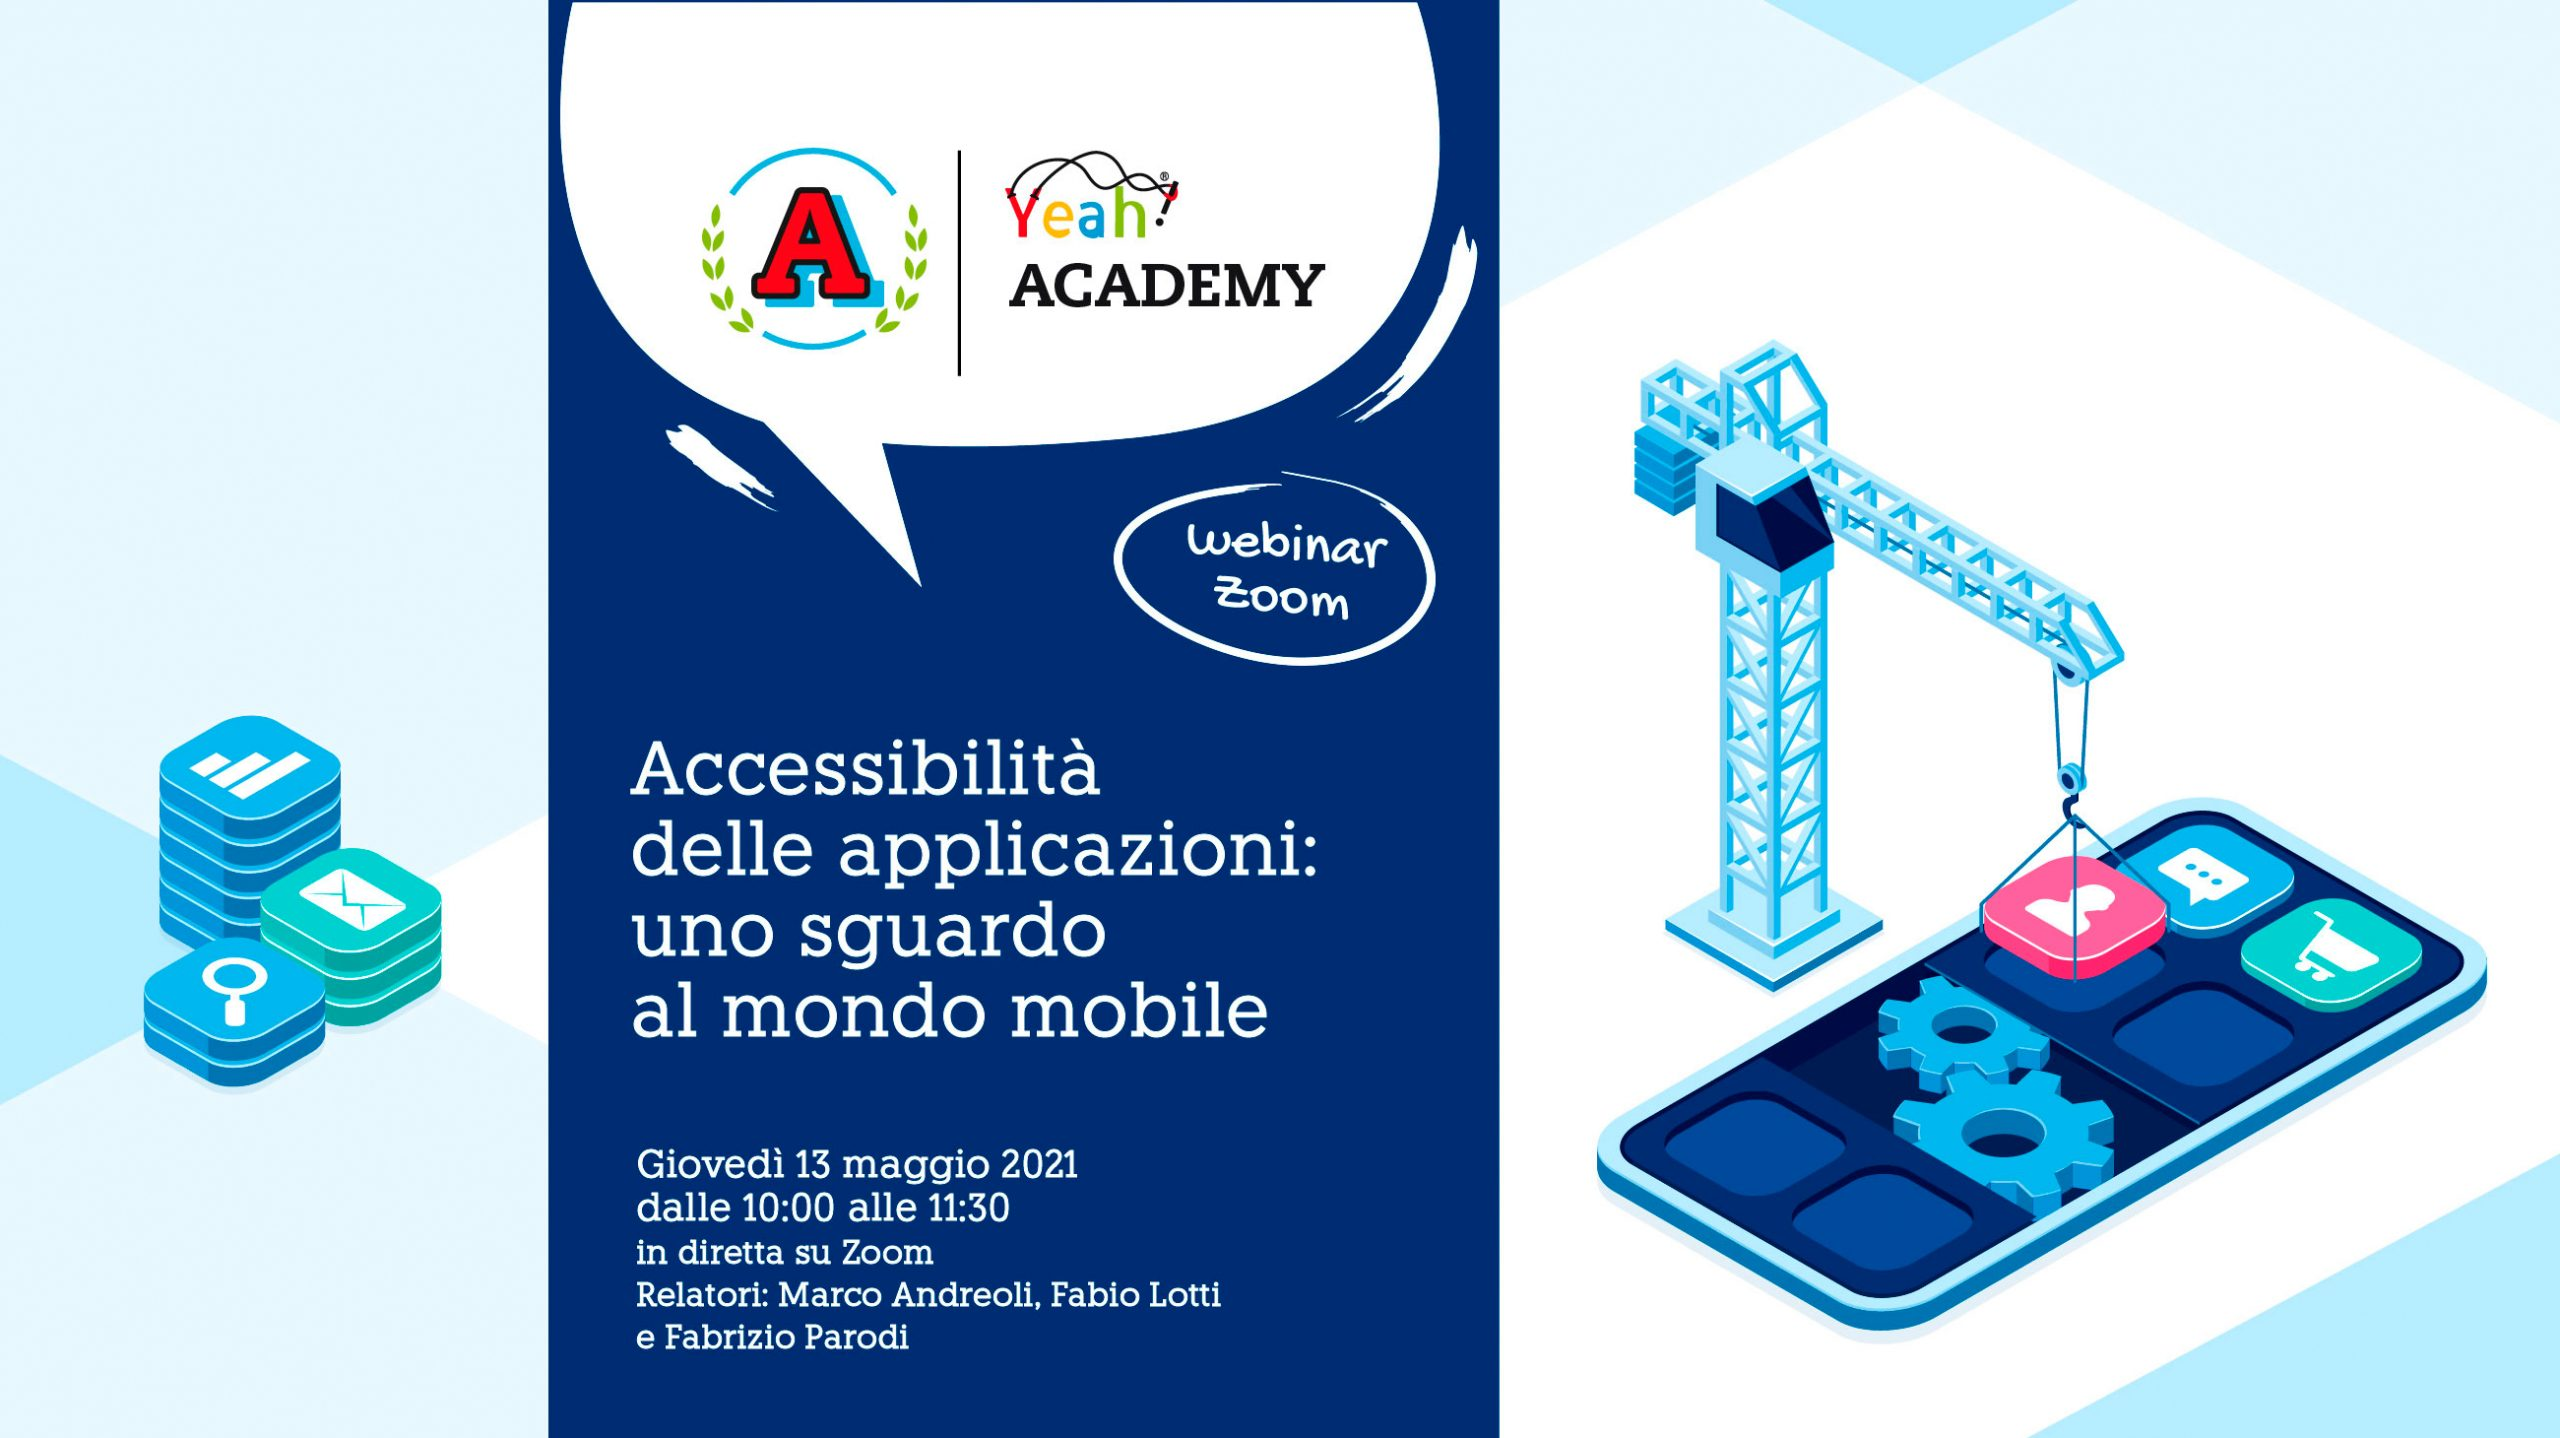 [Academy Yeah] L'accessibilità delle applicazioni: uno sguardo al mondo mobile